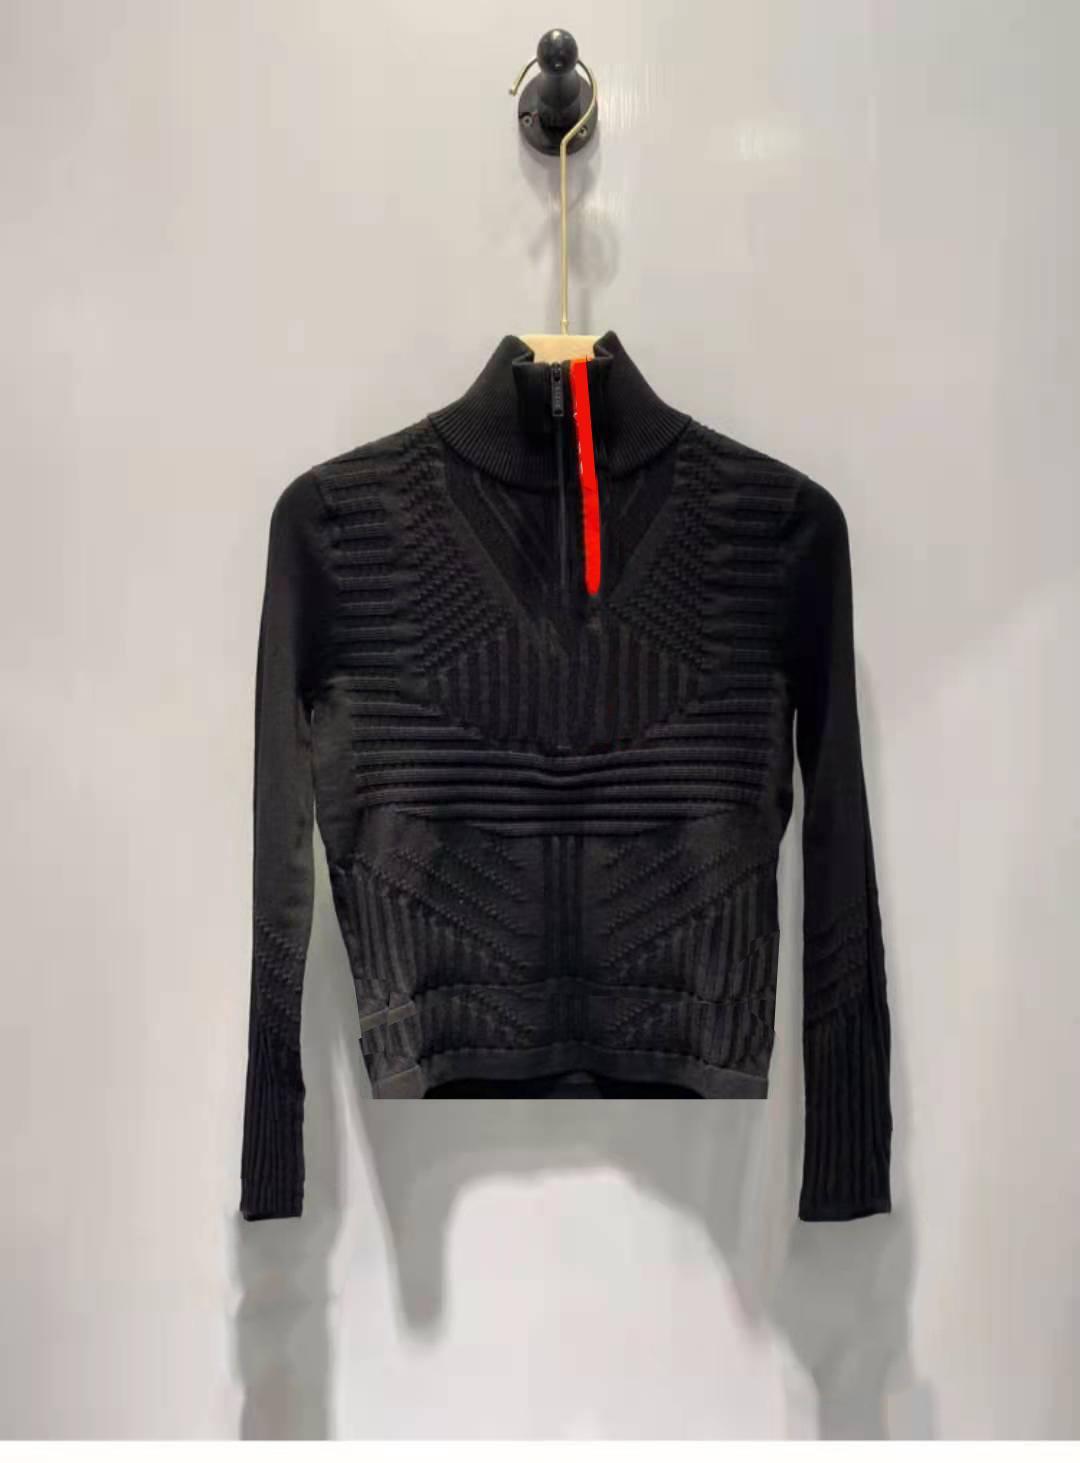 여성 탑스 스웨터 양모 니트 티즈 지퍼 넥 편지 스트라이프 넥 레이디 슬림 스웨터 긴 소매 셔츠 봄 가을 스타일 사이즈 S-L